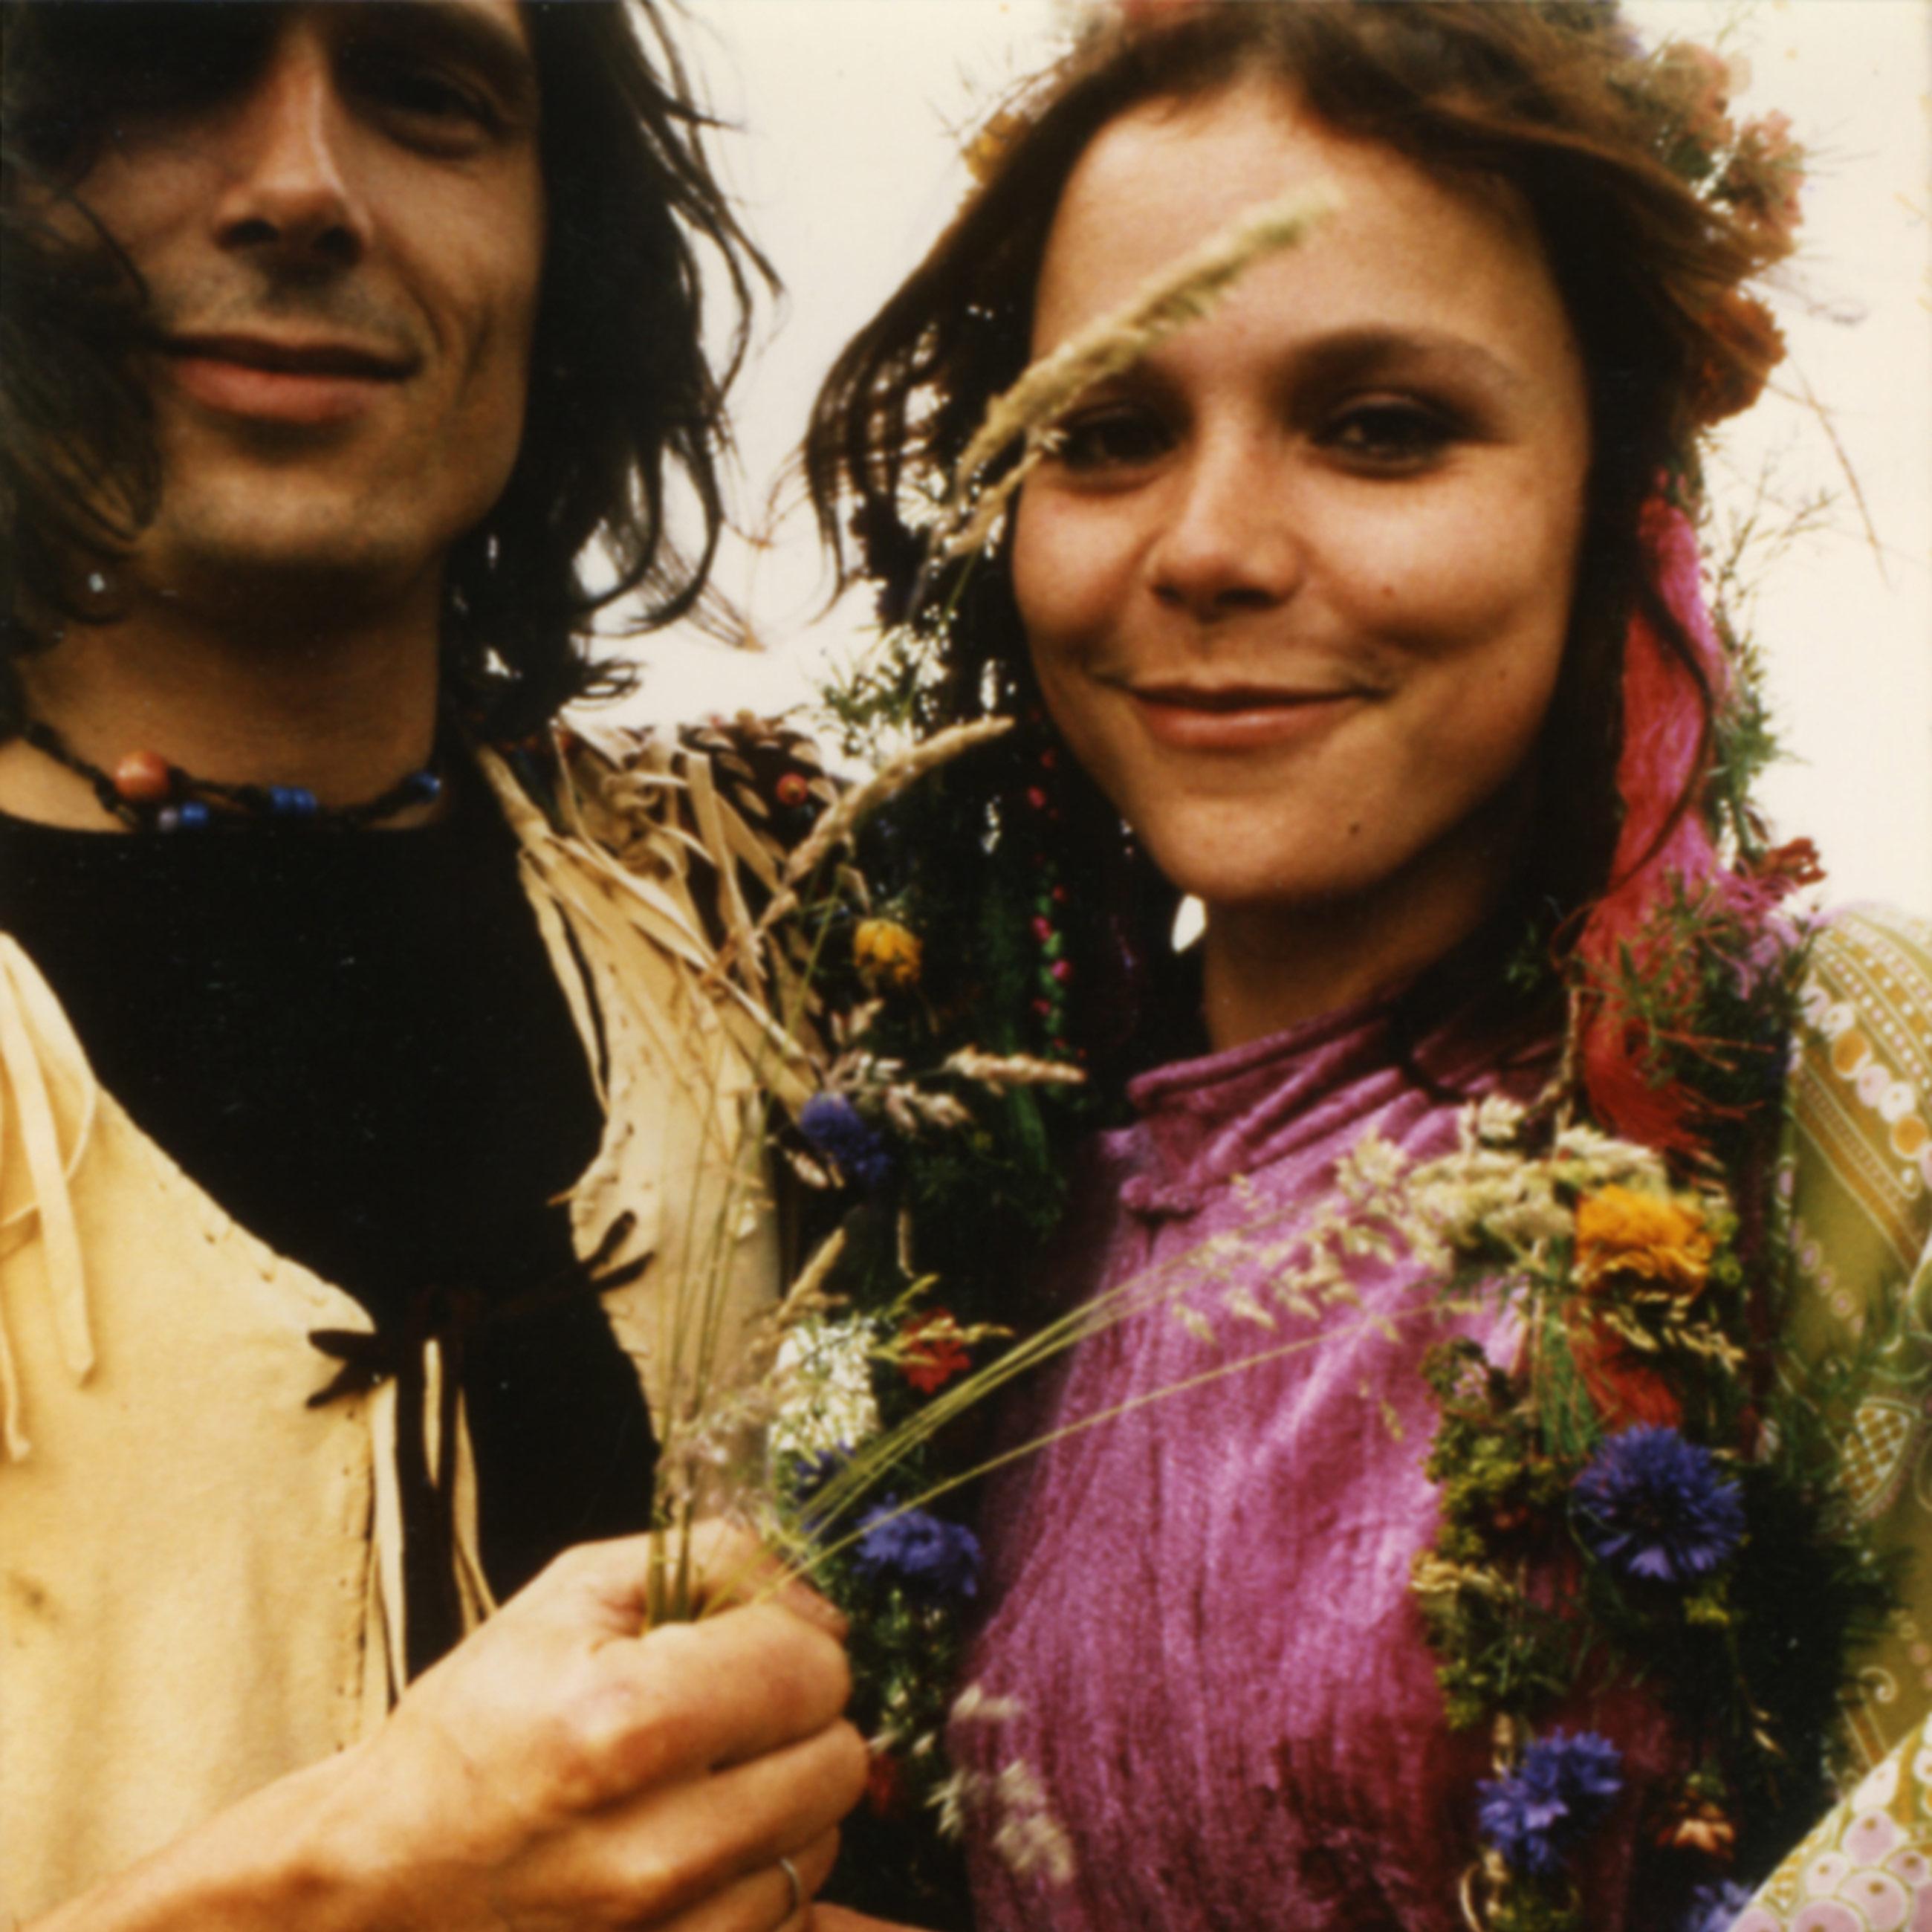 Photographie prise en 1971 lors du mariage de la légende de la culture cannabique Mila Jansen avec son mari Hans Swart.